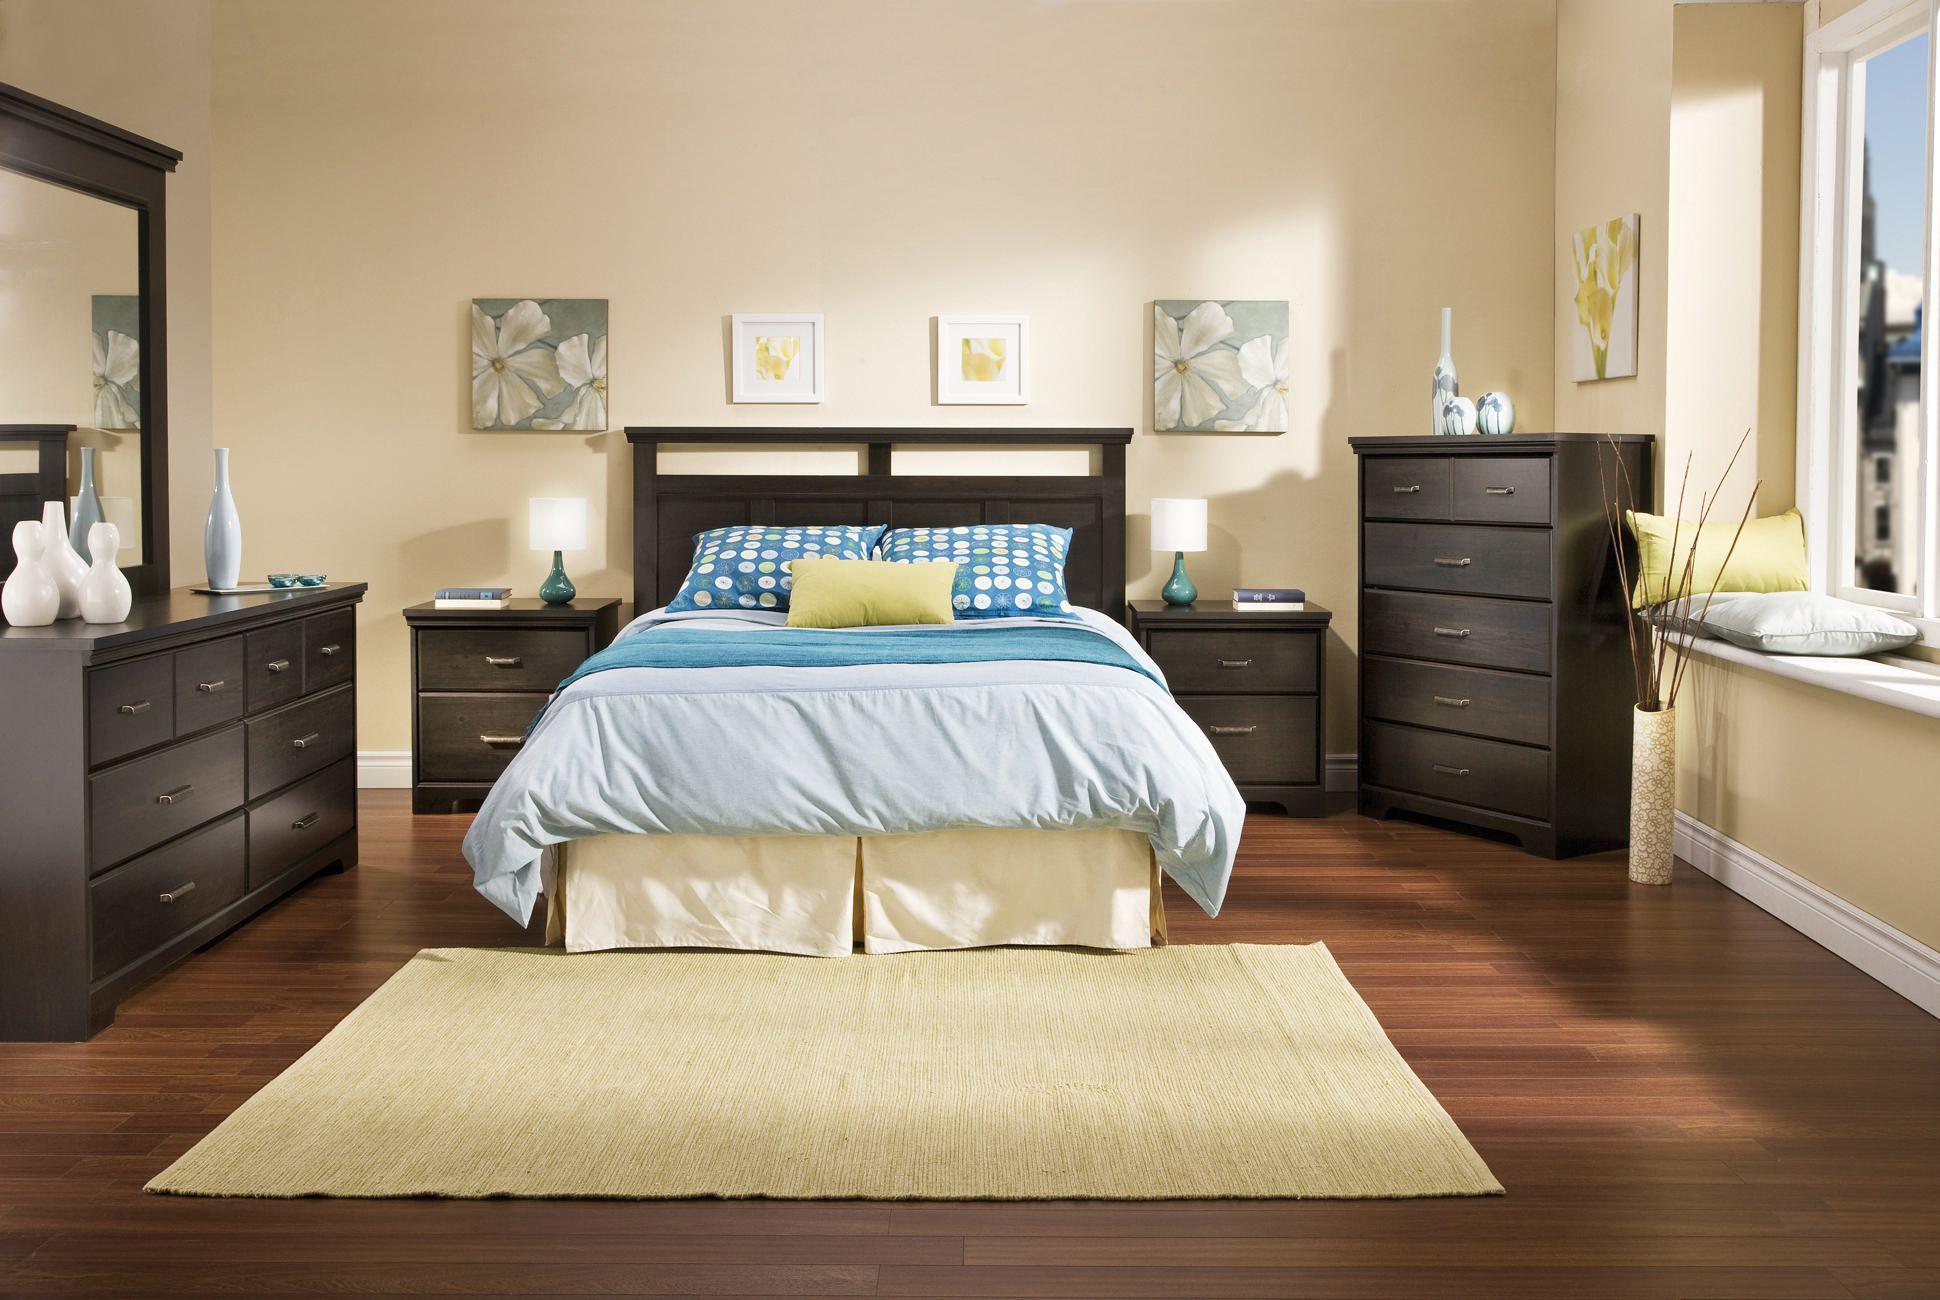 chest finishes basics set shore smart ebay bedroom itm south multiple drawer